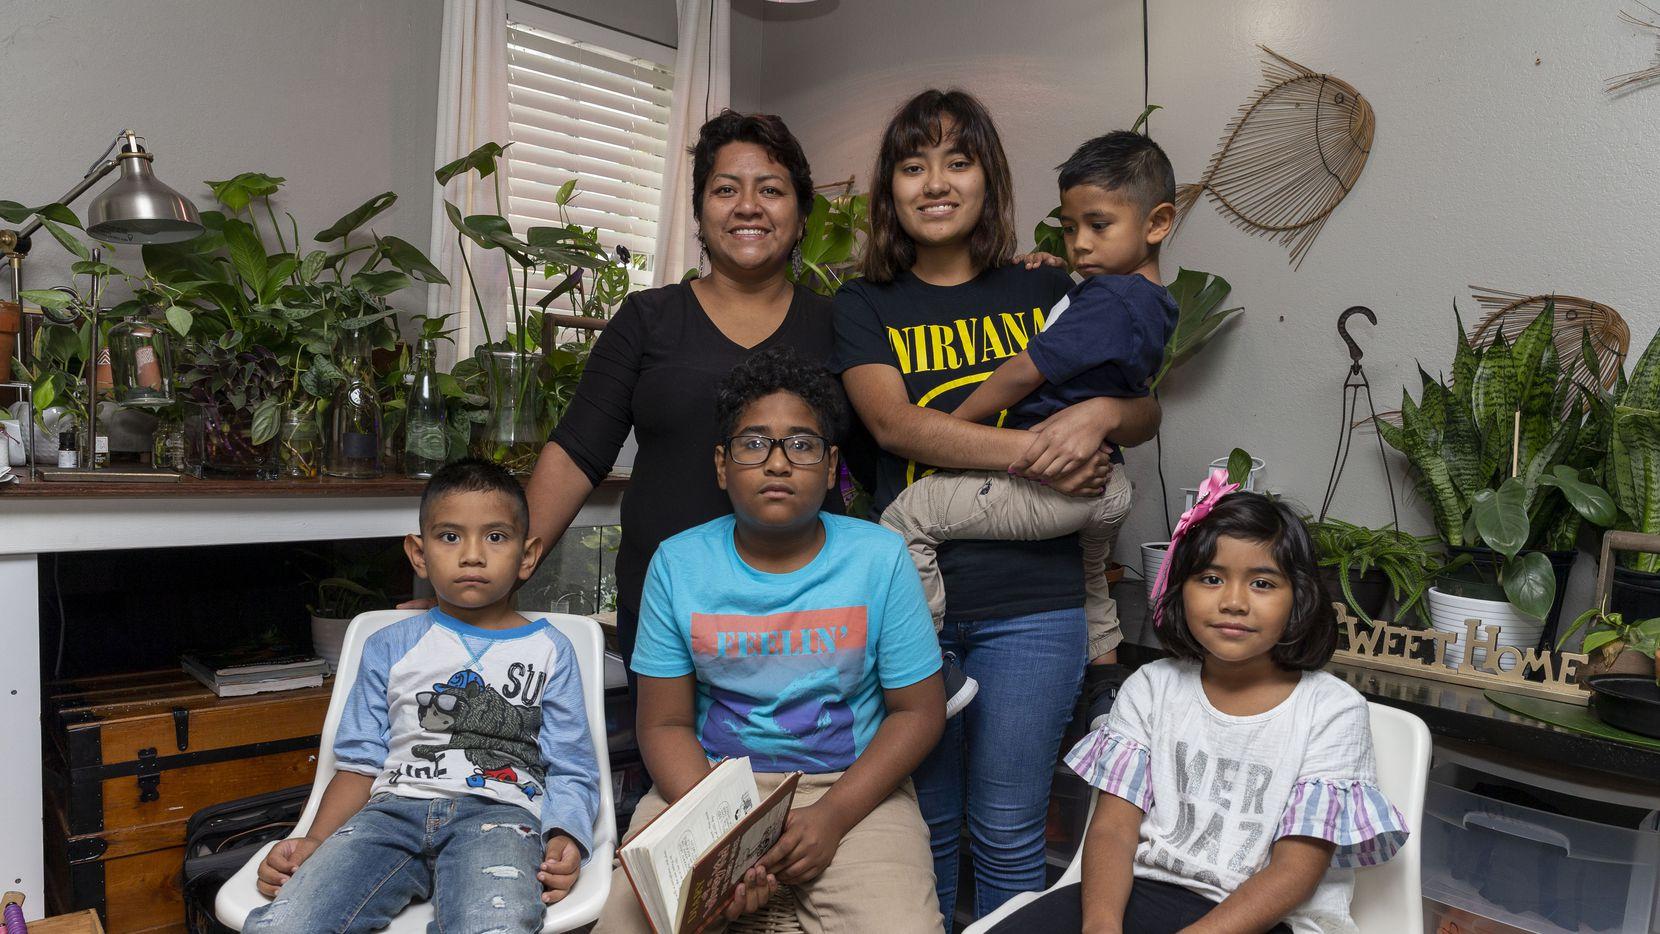 Lily de la Cruz (centro) ha intentado reactivar su negocio de venta de plantas para poder sostener sus gastos, después de vivir 45 días en su camioneta, en 2020. En la imagen, De la Cruz con sus hijos Julián (6), Óscar (11) y Ana Luisa (7), al frente; y con Mariana (16) y Carlos (5), junto a ella.